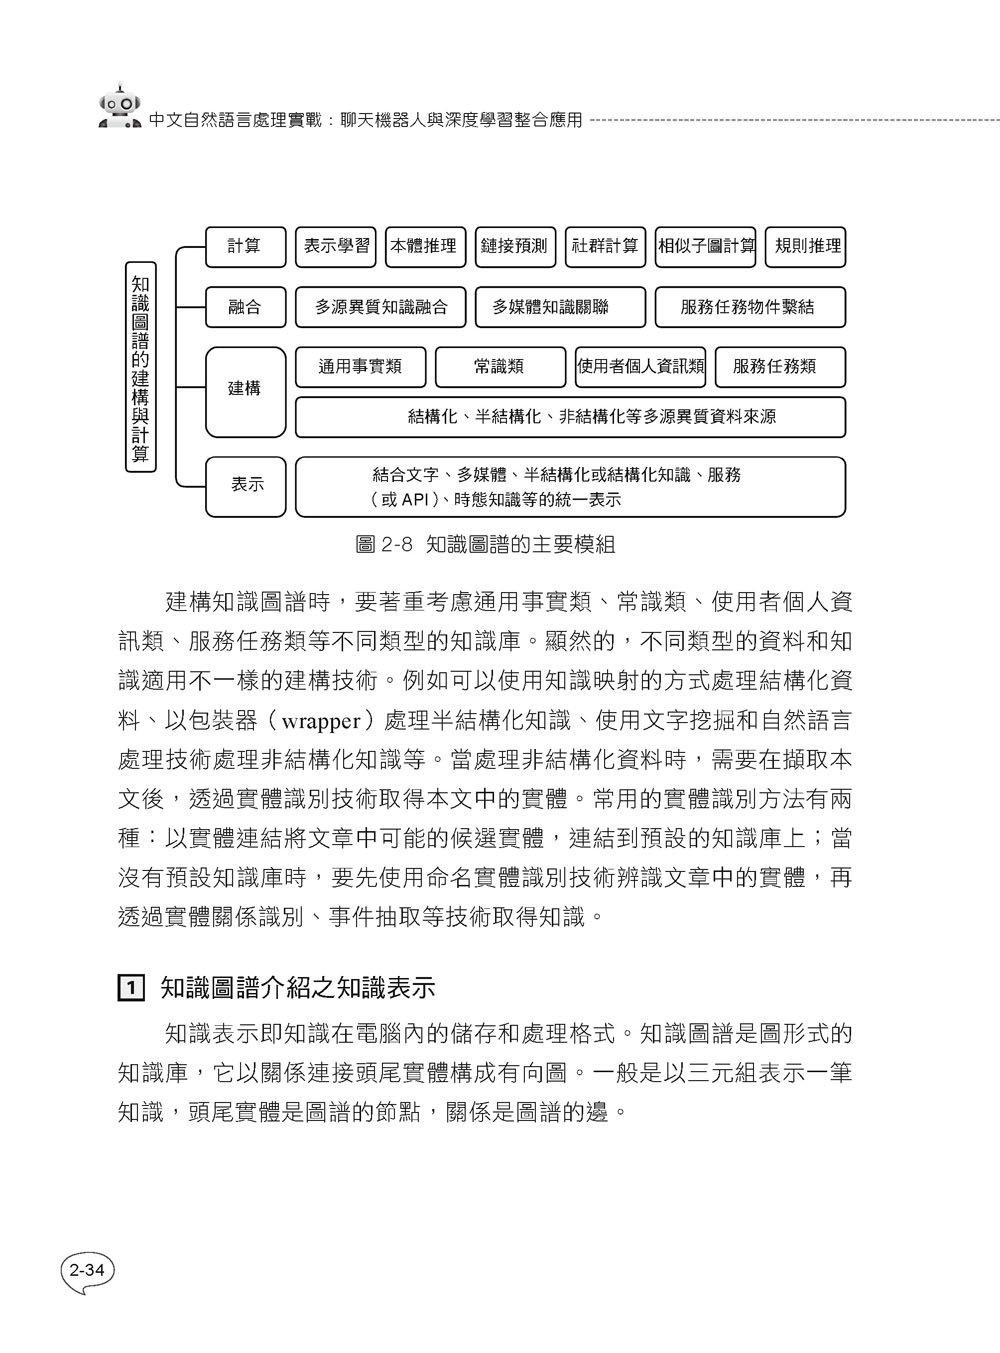 中文自然語言處理實戰:聊天機器人與深度學習整合應用-preview-12